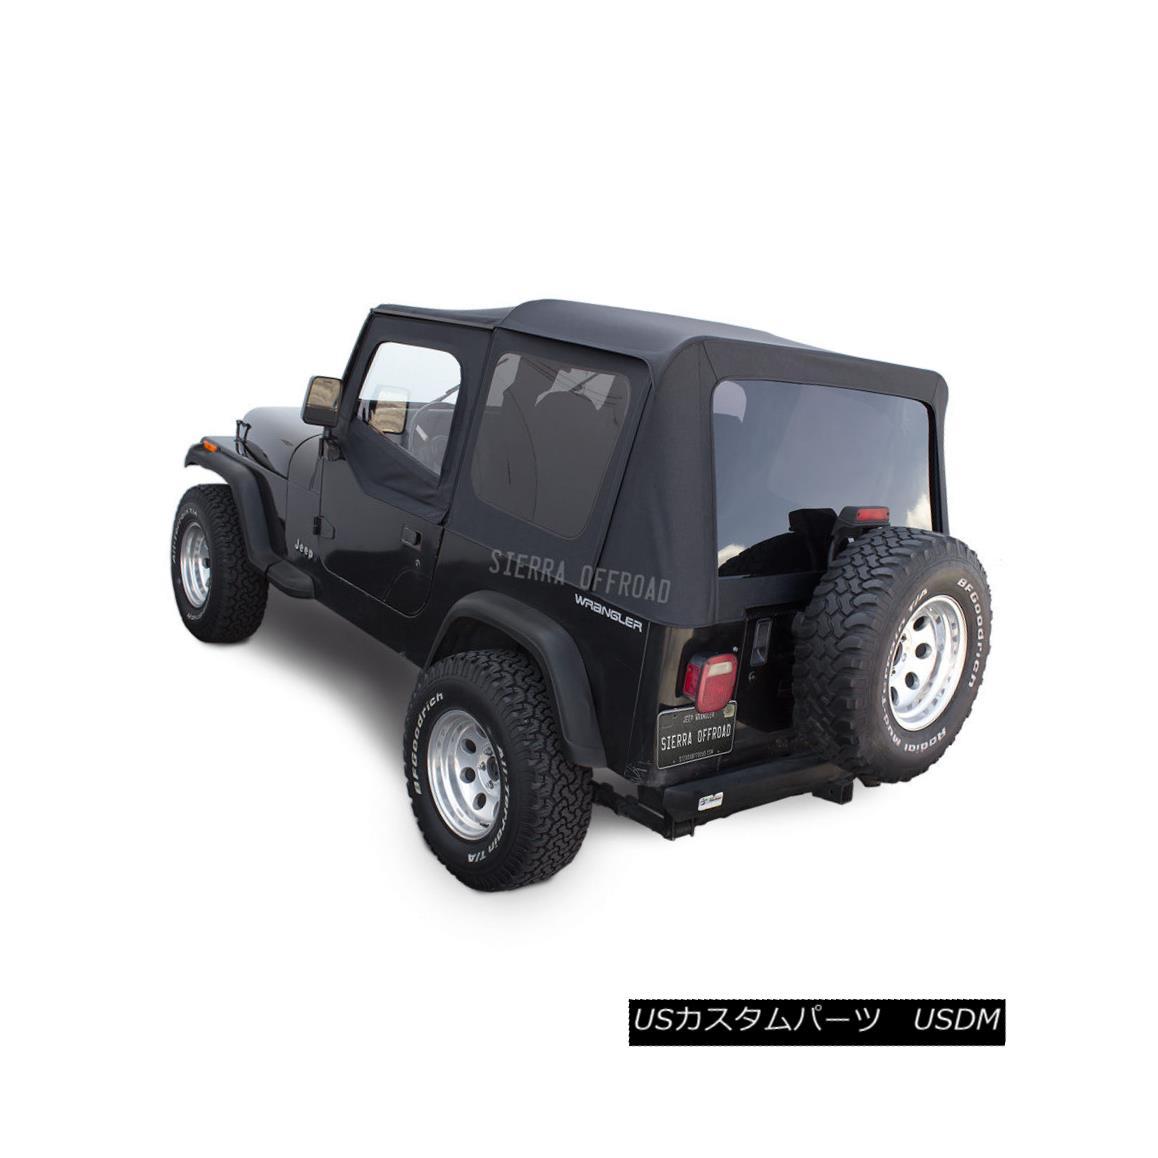 幌・ソフトトップ Jeep Wrangler YJ Soft Top, 88-95, Upper Doors, Tinted Windows, Black Denim ジープラングラーYJソフトトップ、88-95、アッパードア、ティンテッドウインドウ、ブラックデニム